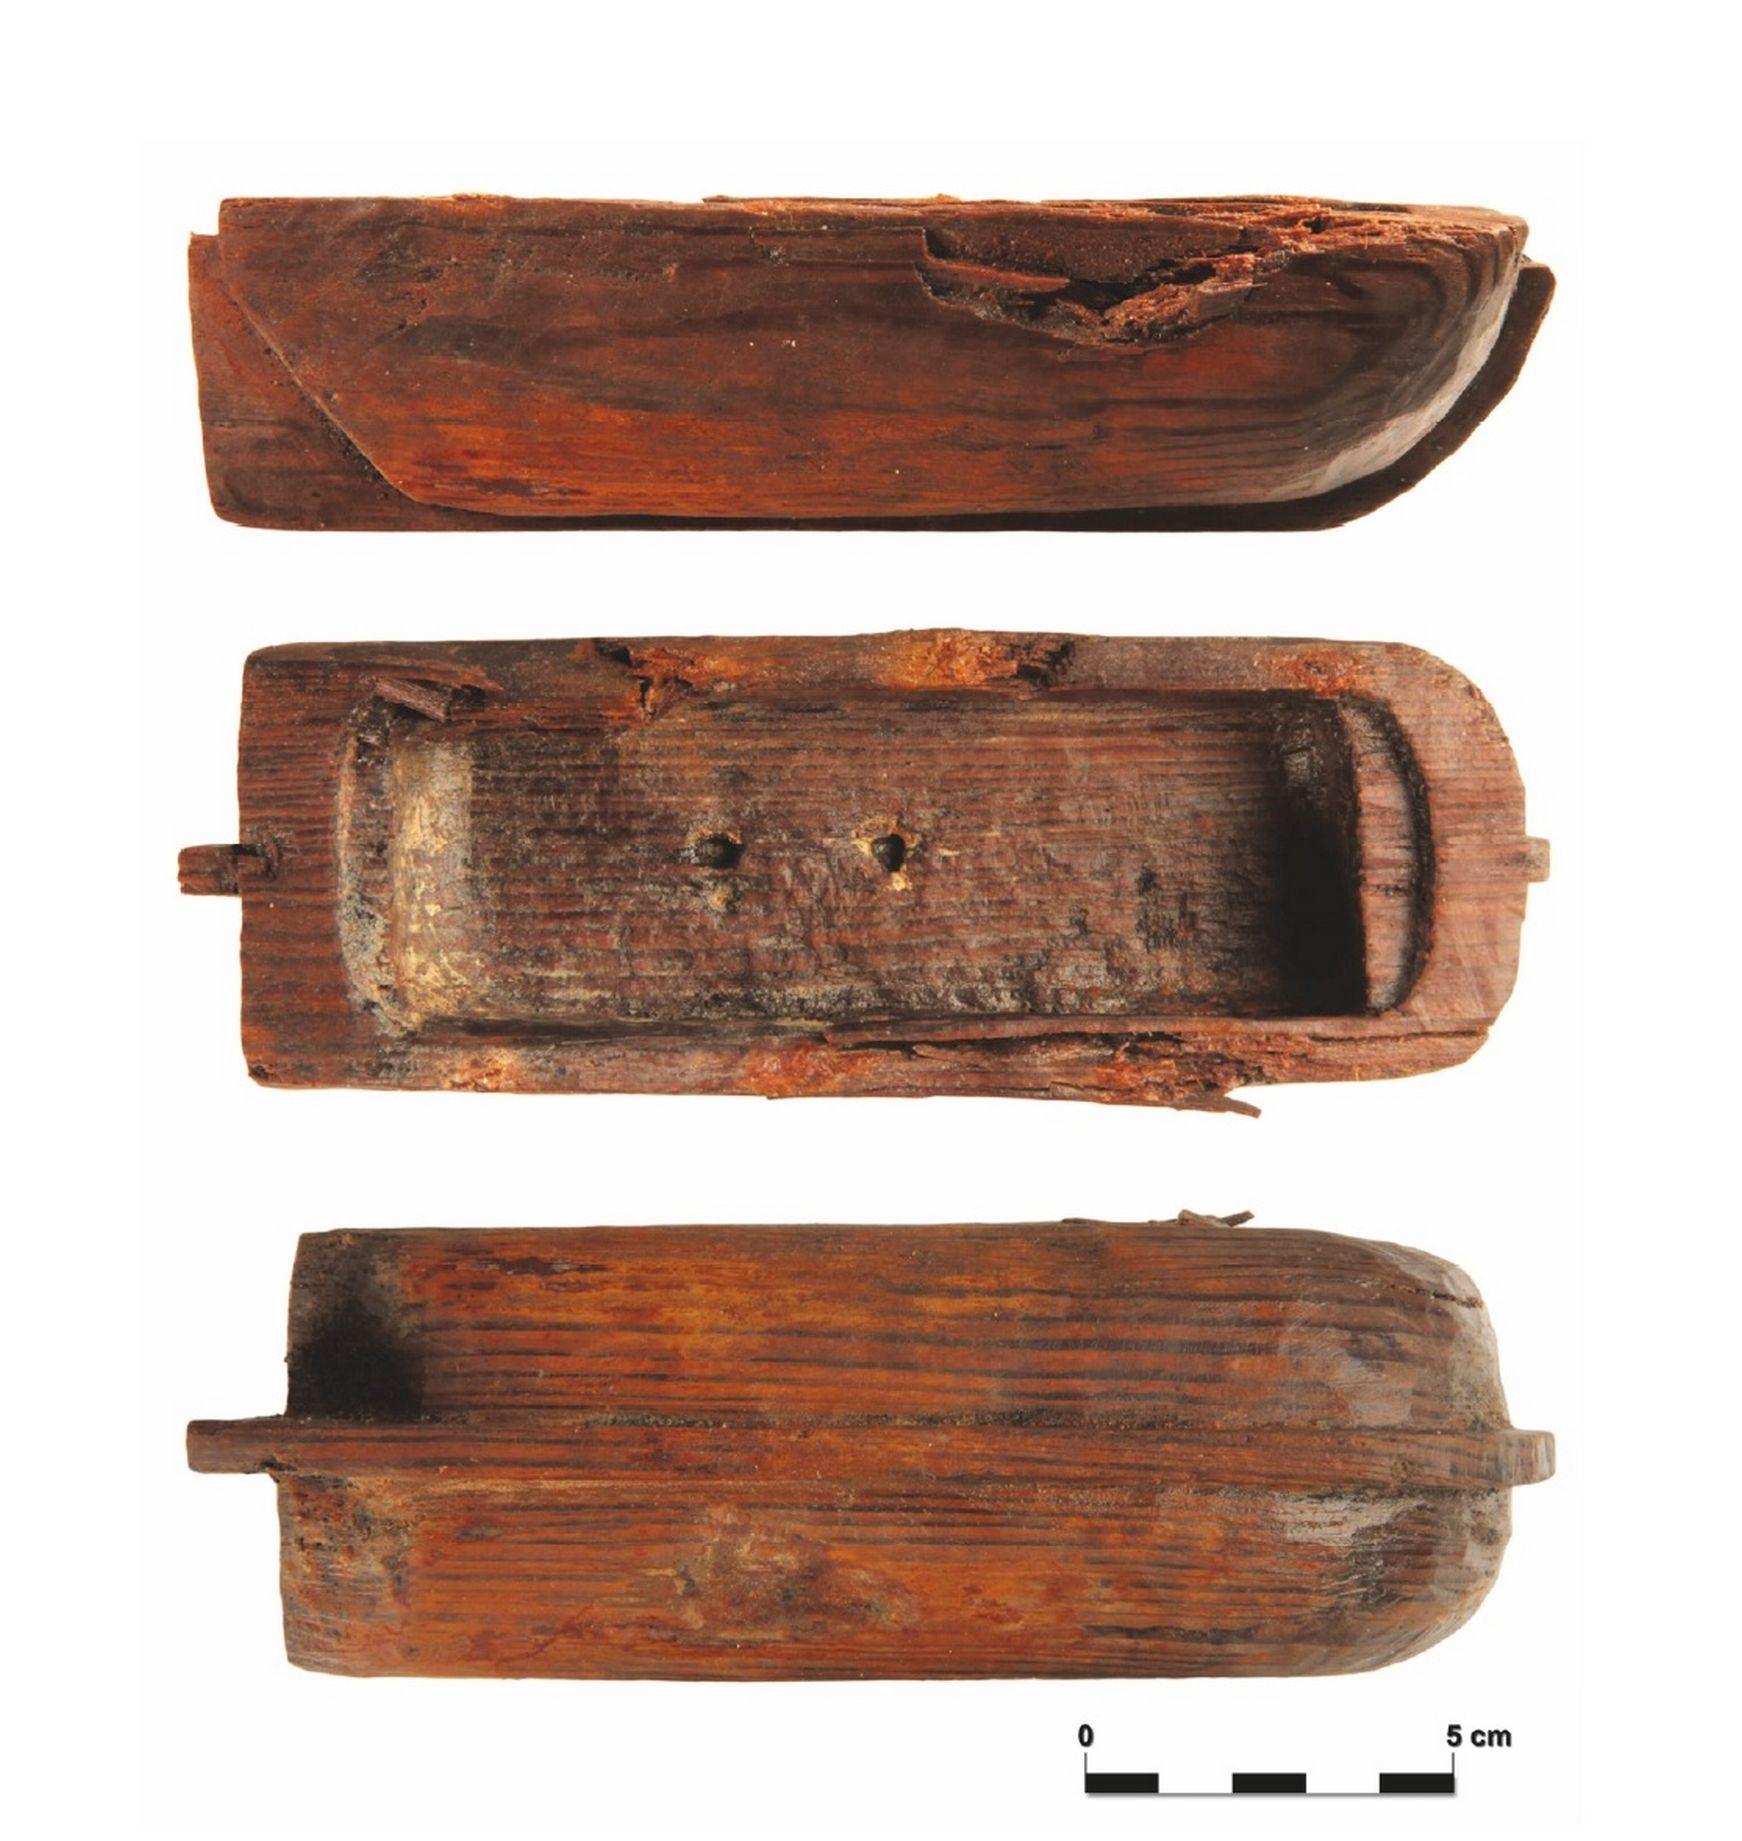 Houten speelgoedbootje uit Vlissingen (Foto Archeodienst).